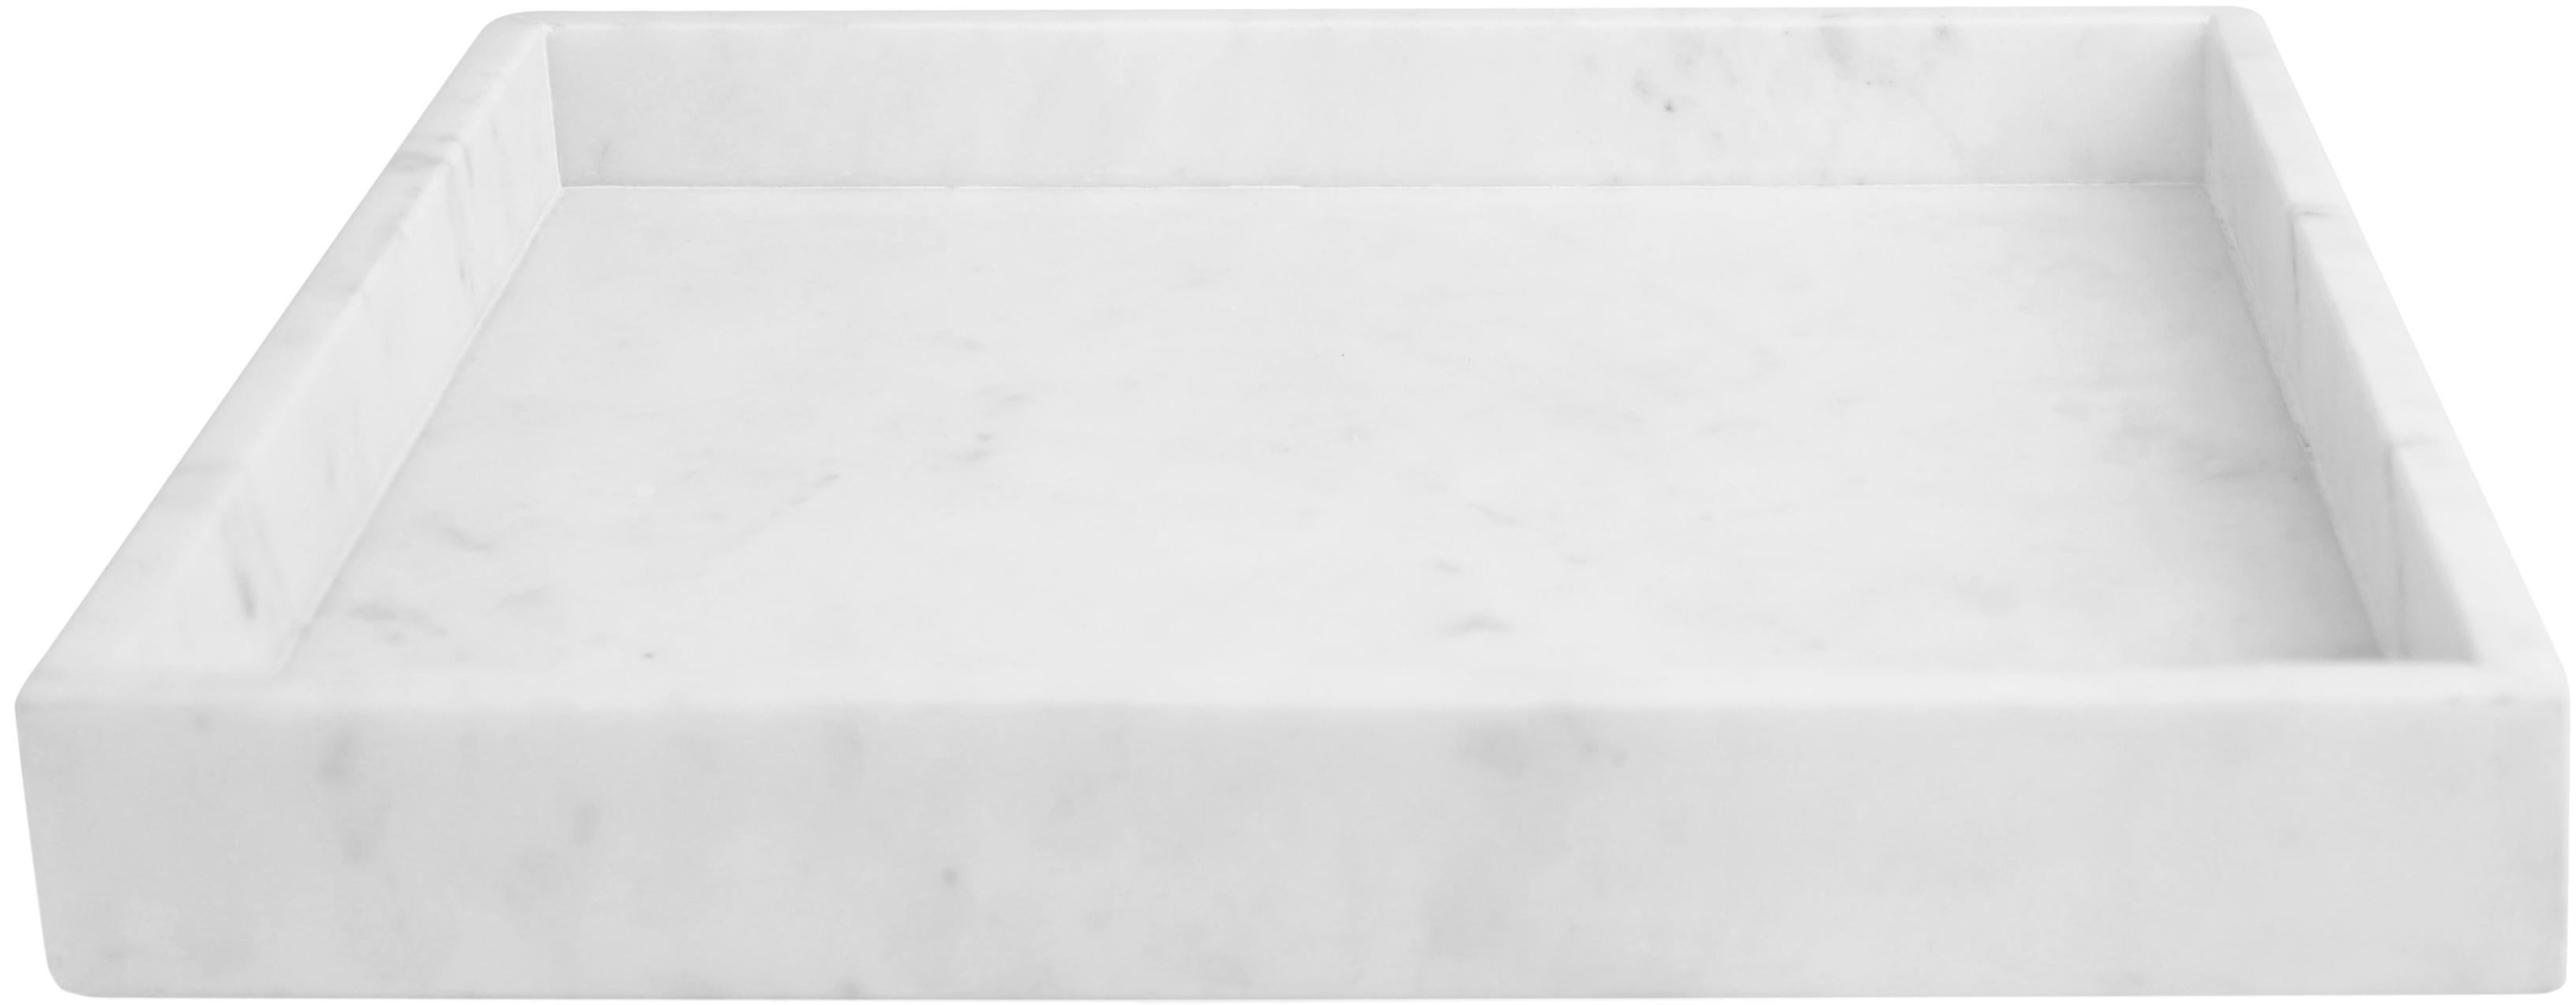 Taca dekoracyjna z marmuru Ciaran, Marmur, Biały, marmurowy, S 30 x G 30 cm